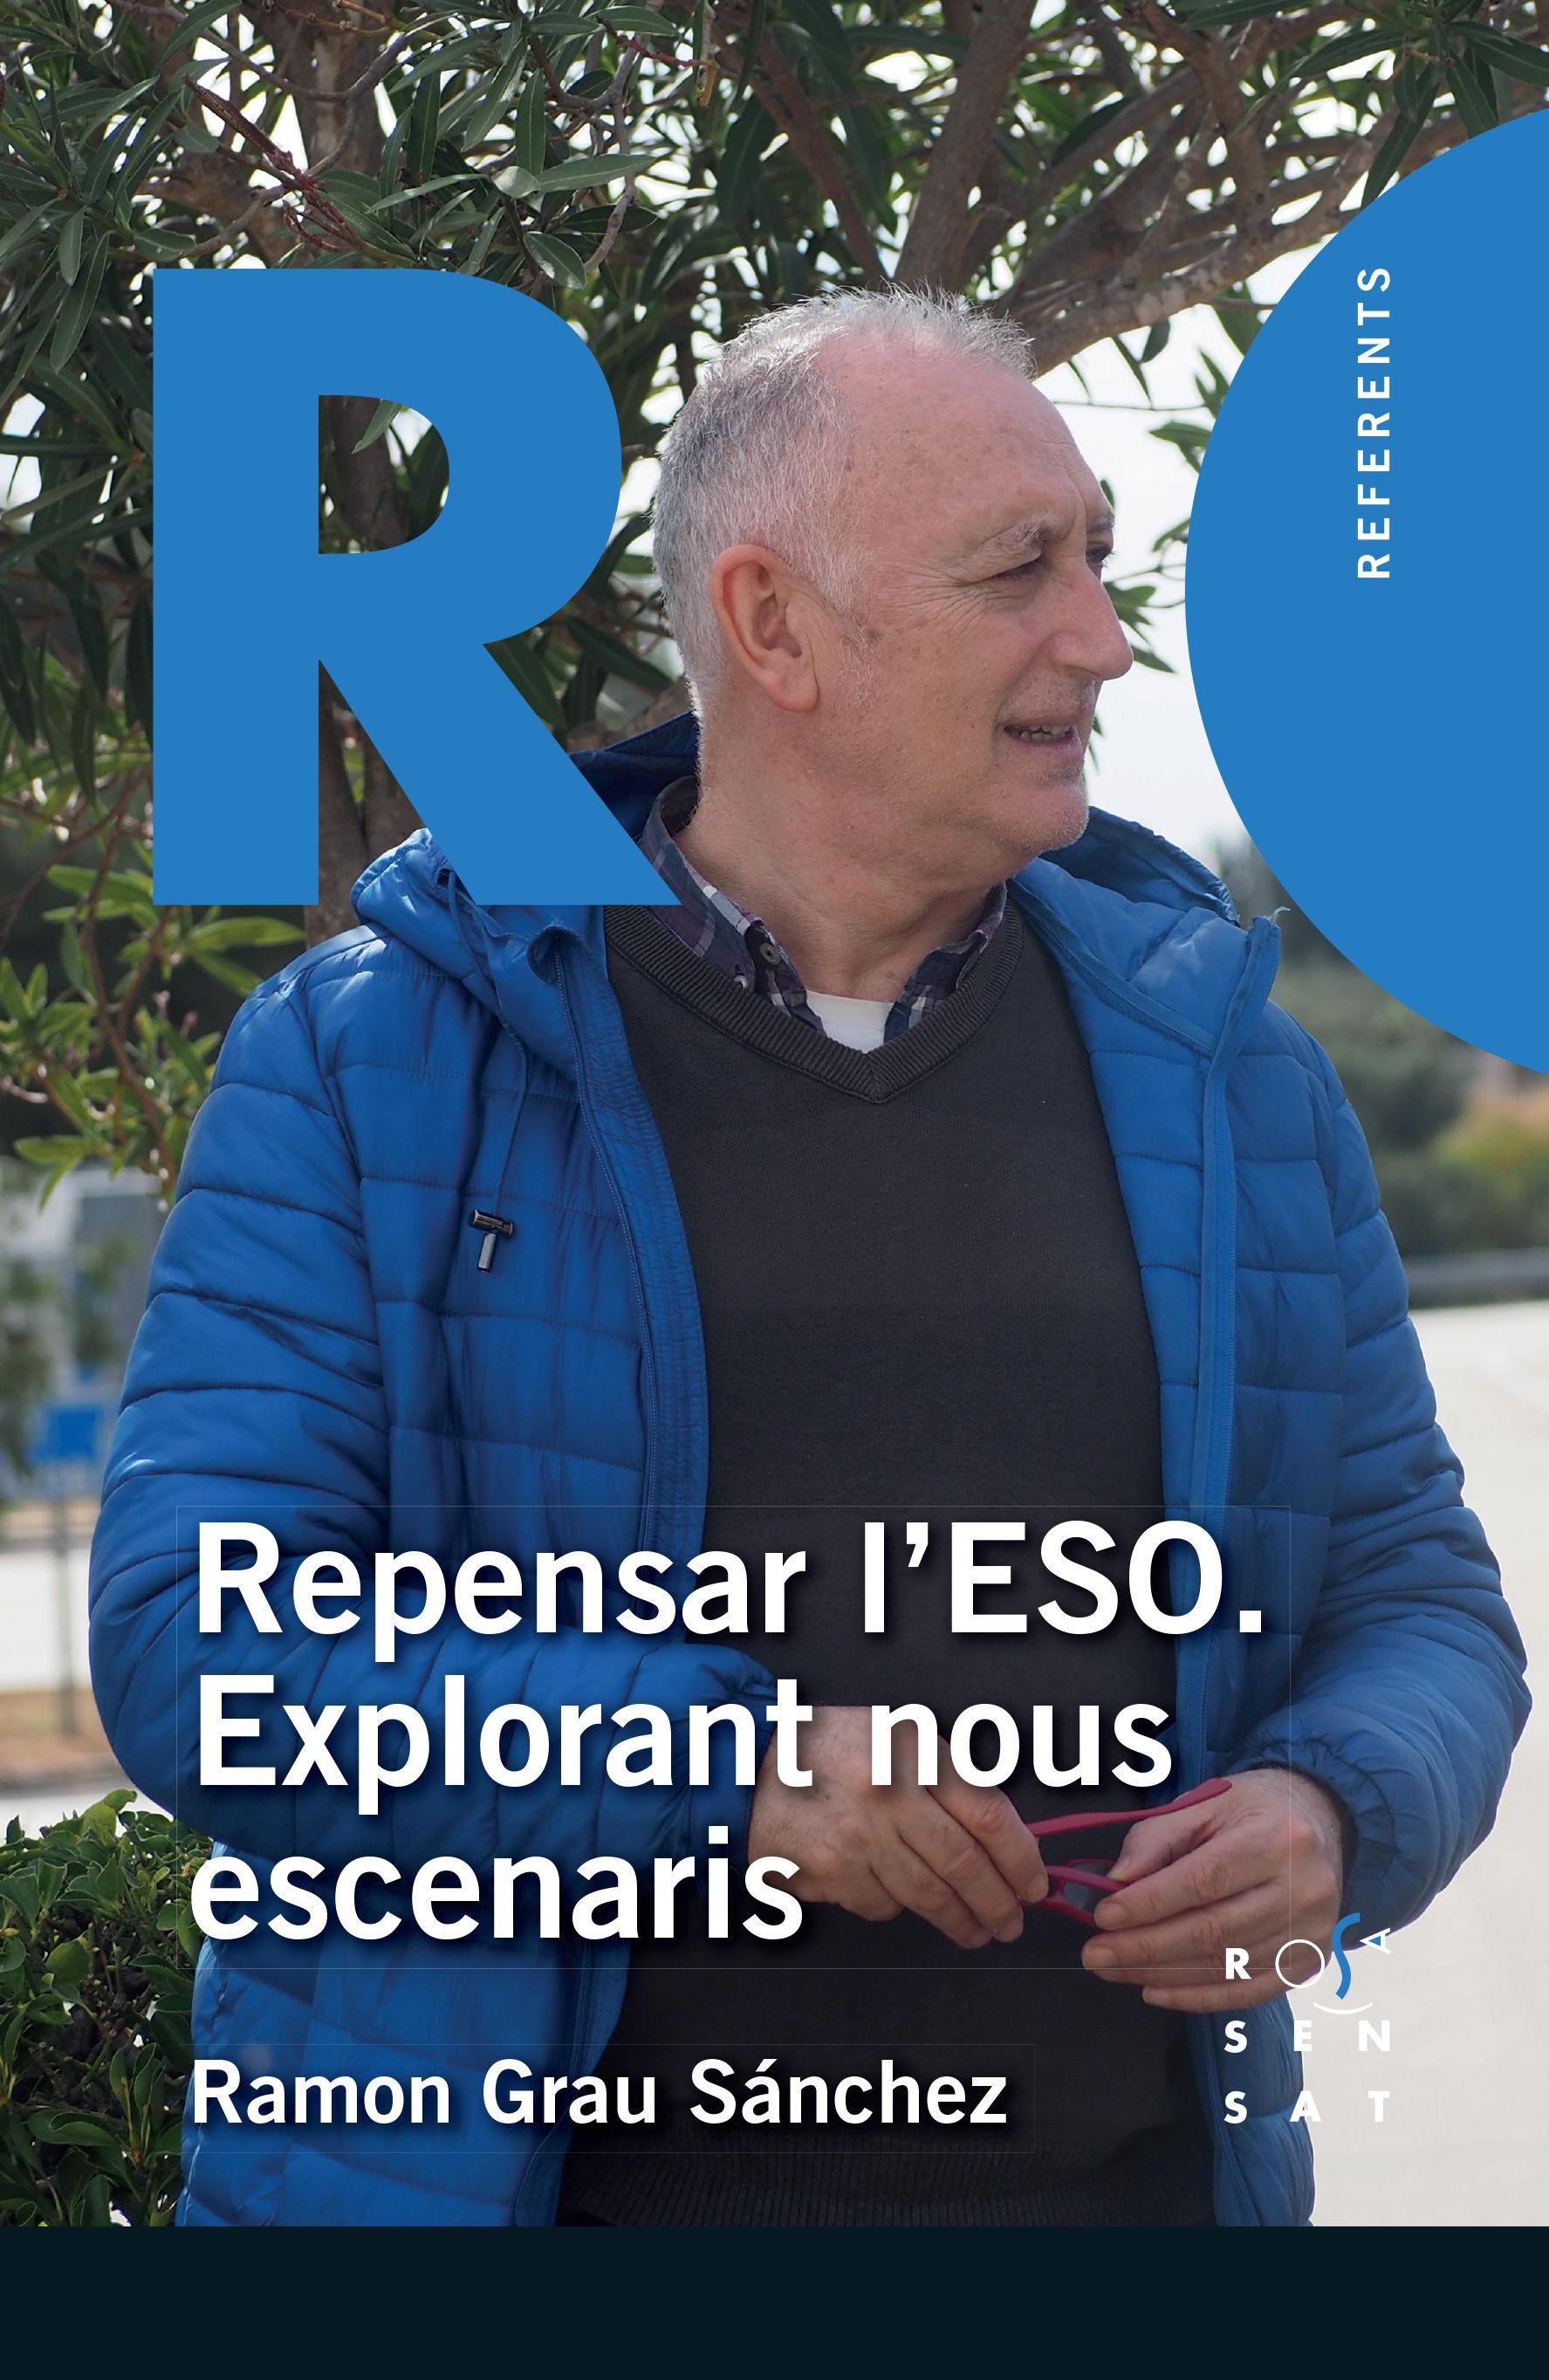 REPENSAR L'ESO. EXPLORANT NOUS ESCENARIS